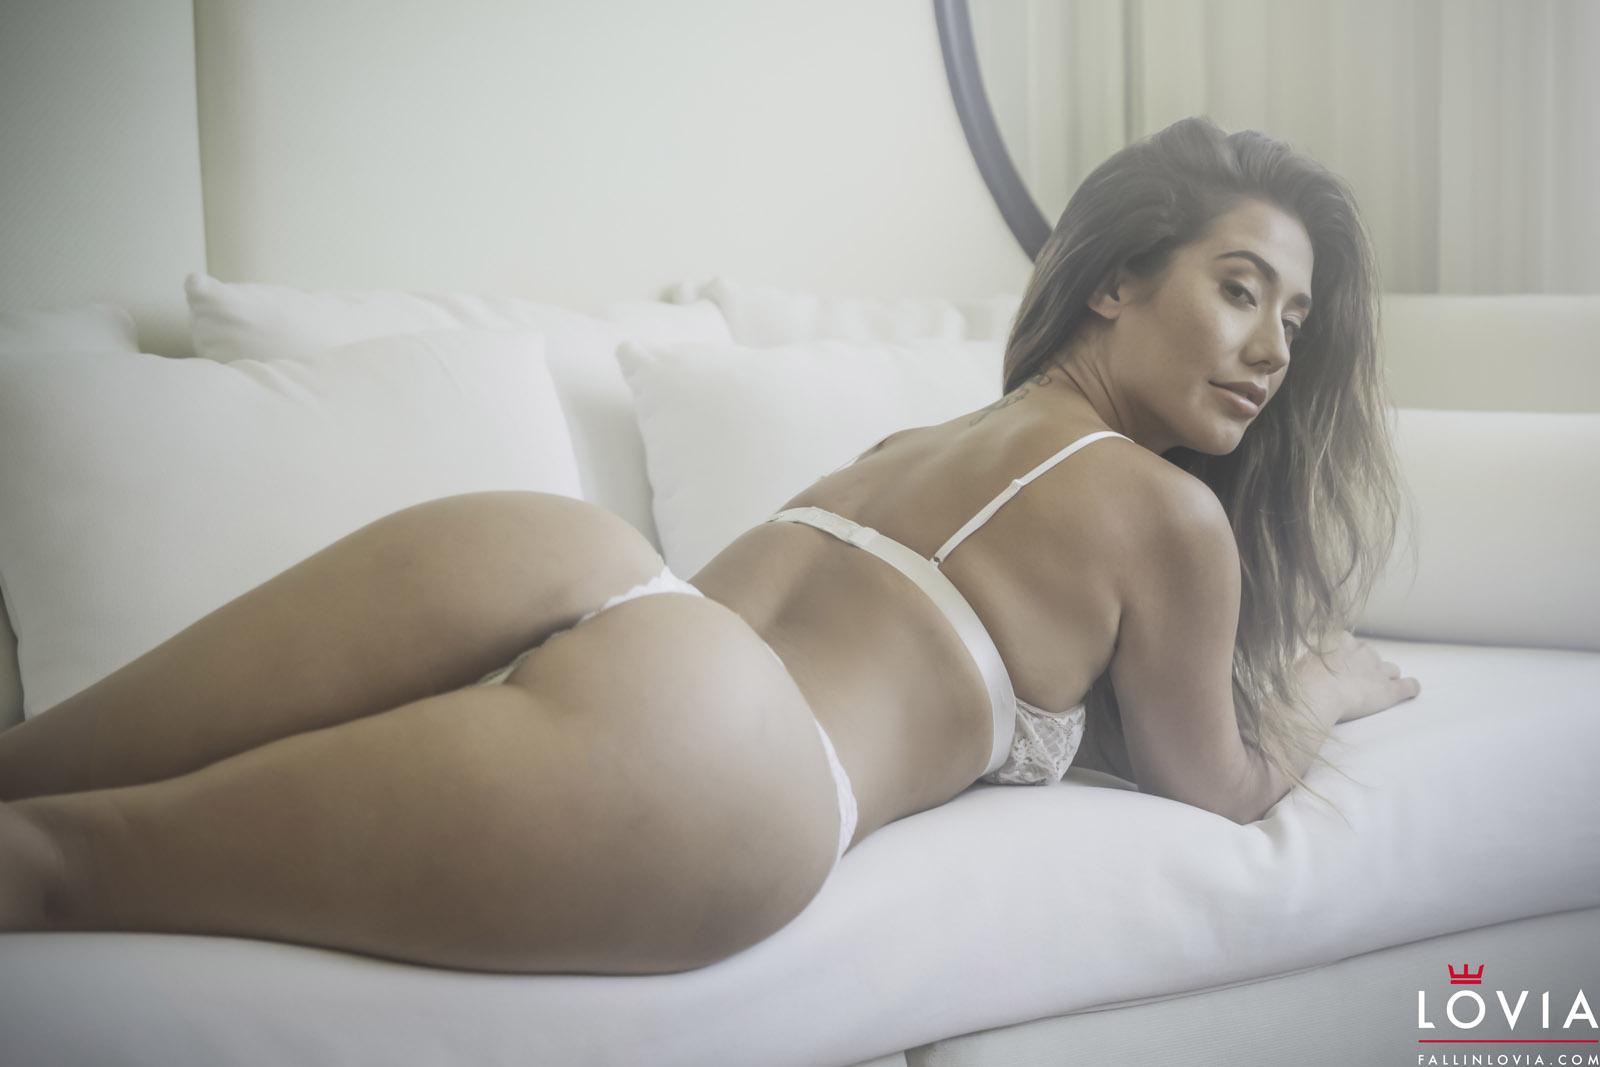 Spanish nude girls hardcore